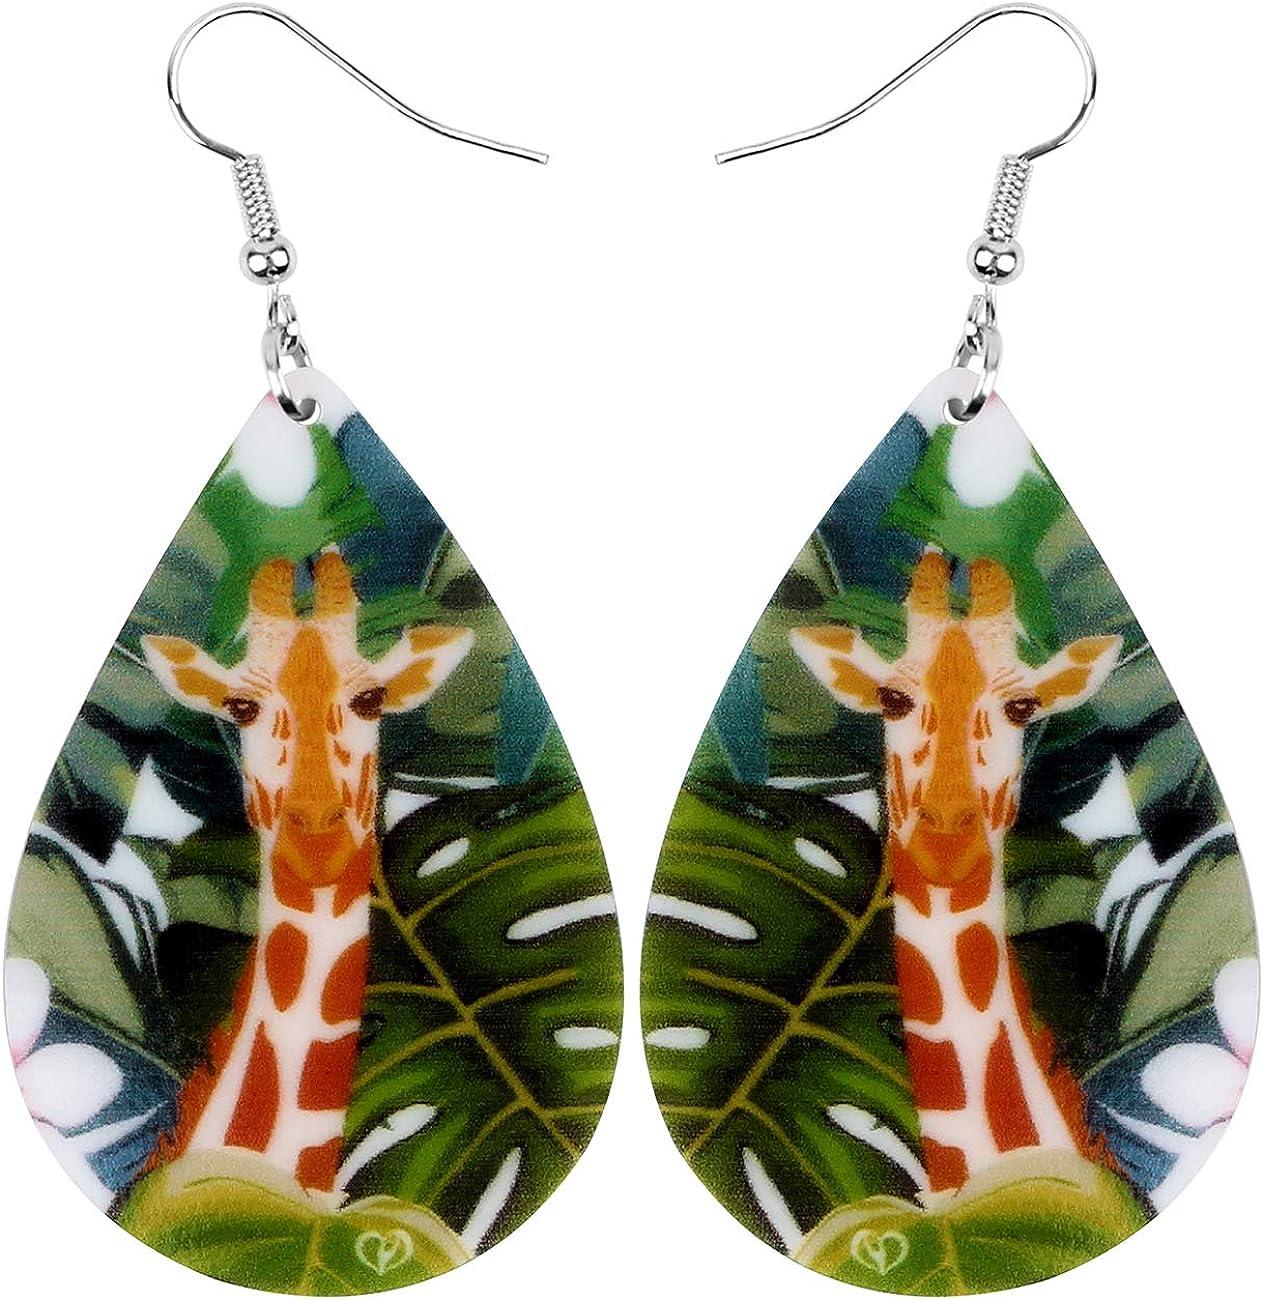 23. Lightweight Africa Giraffe Earrings